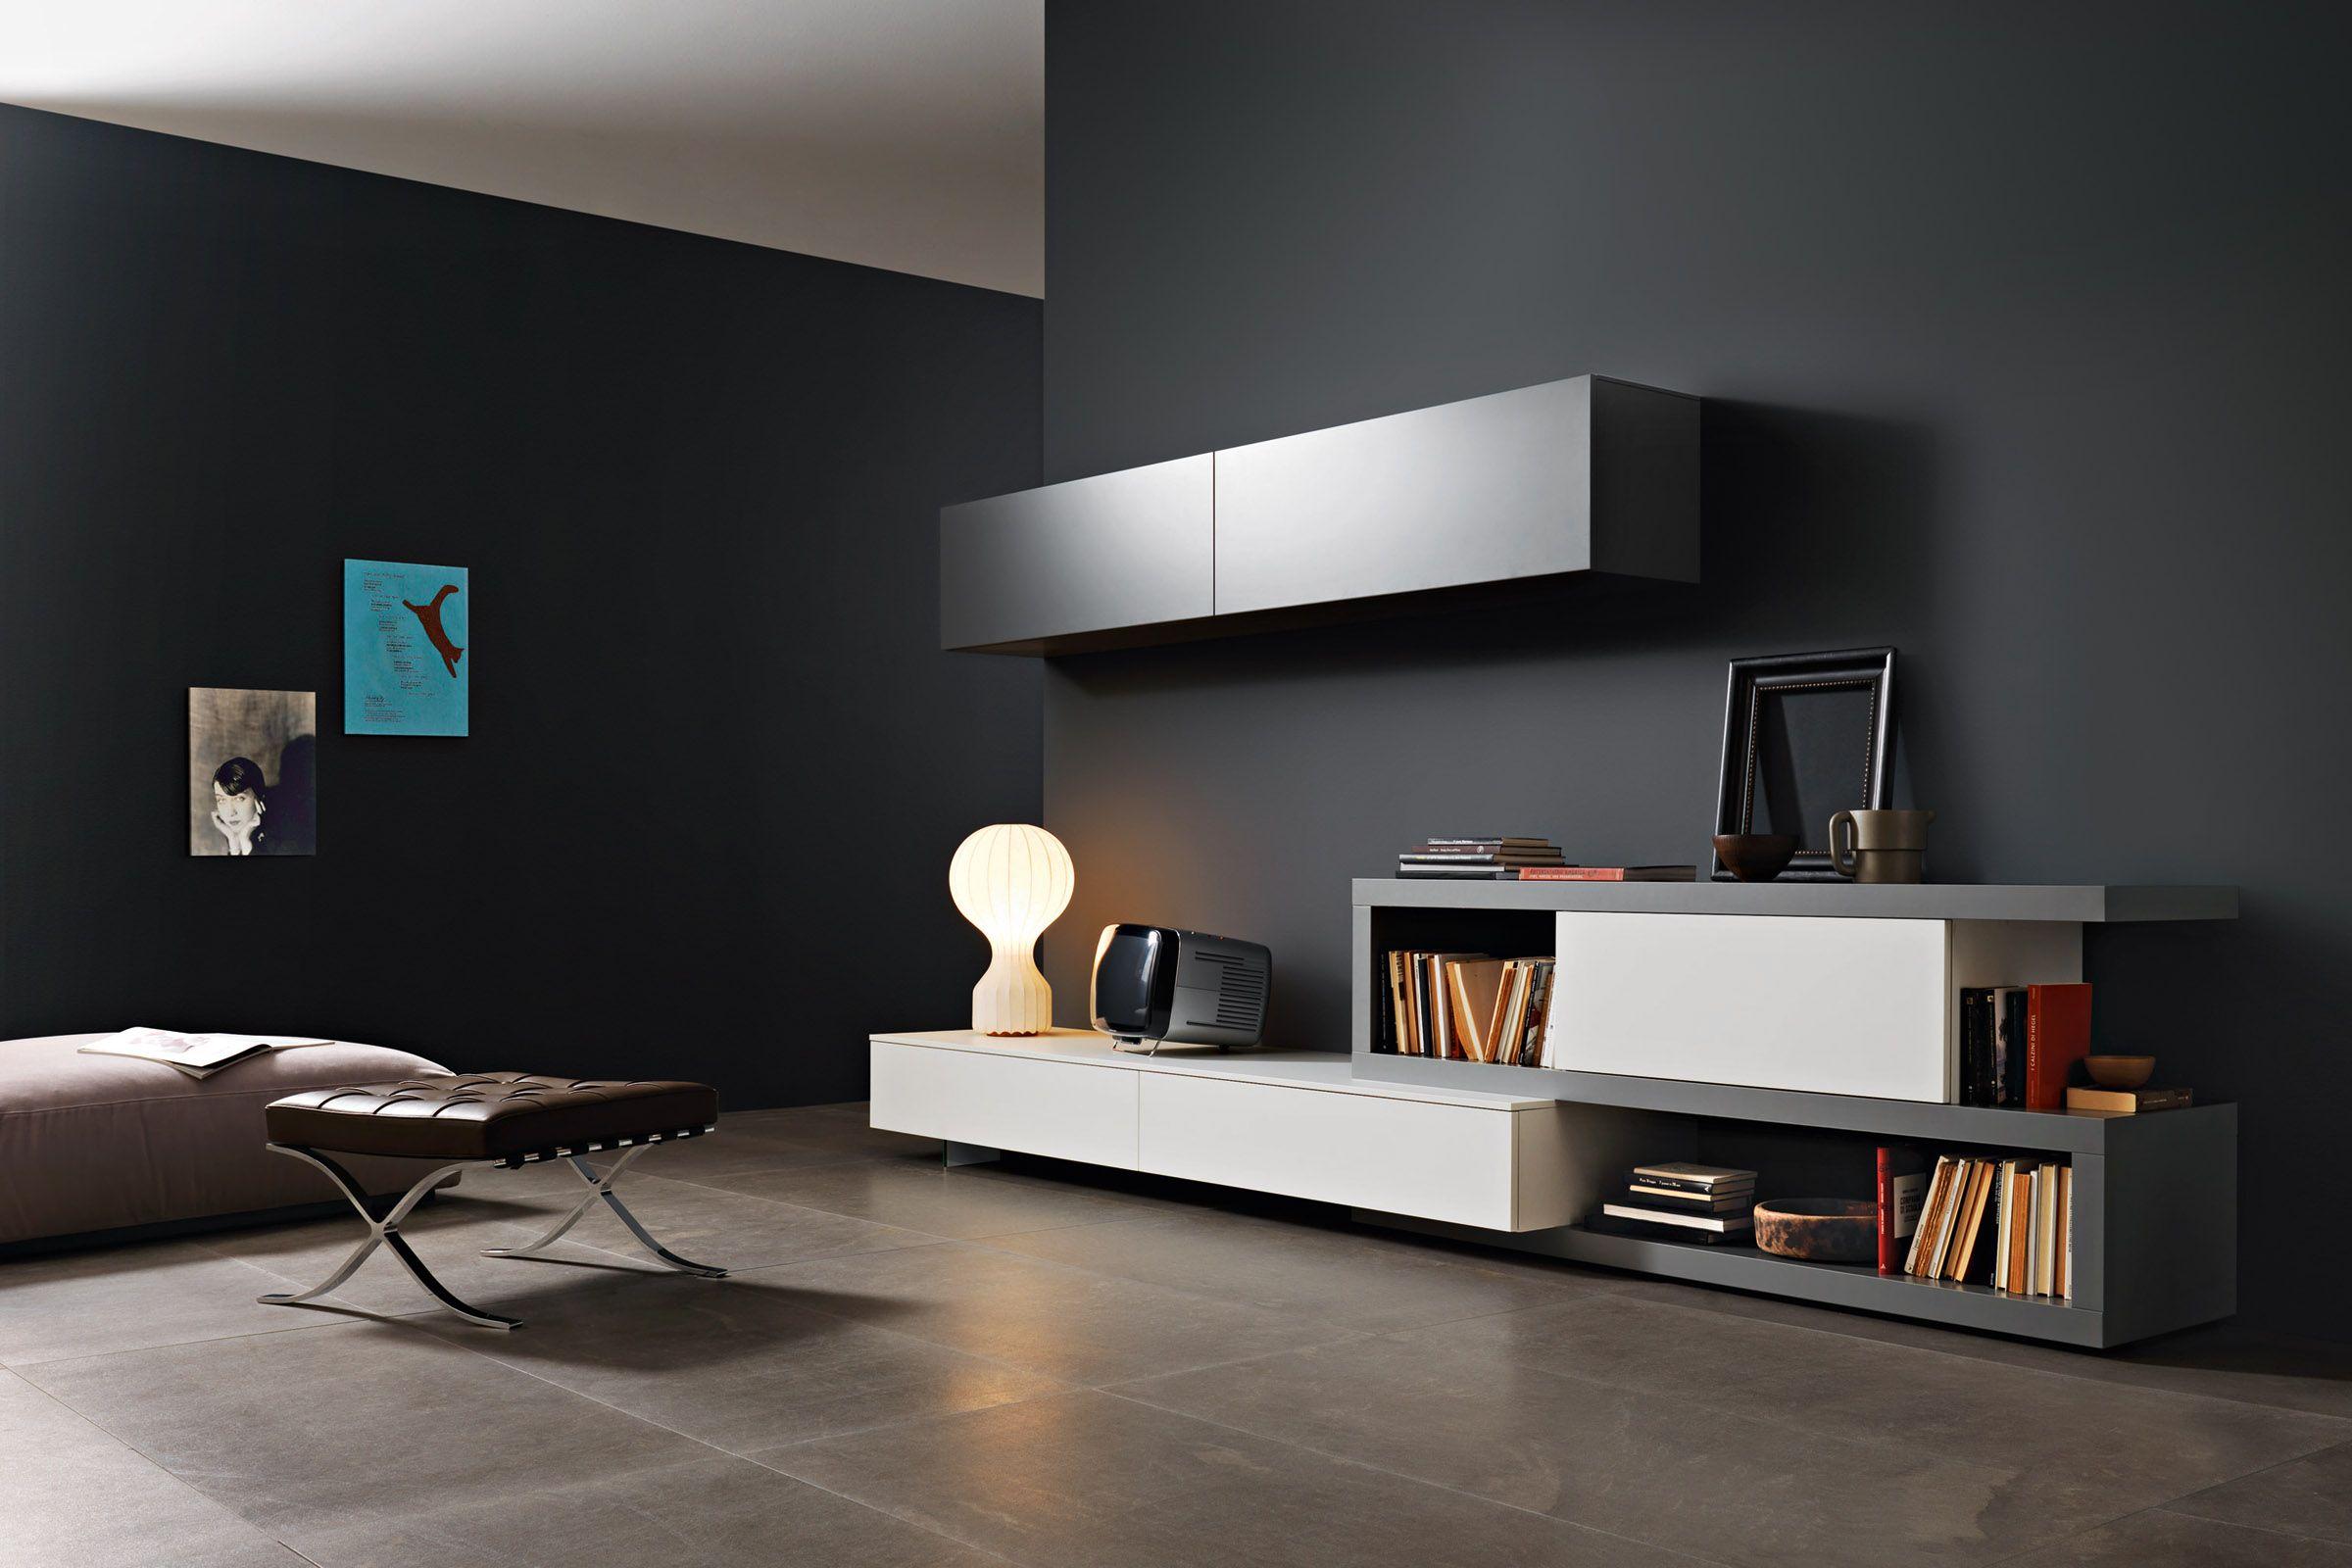 Mobili per soggiorno moderno milano cerca con google for Mobile da soggiorno moderno